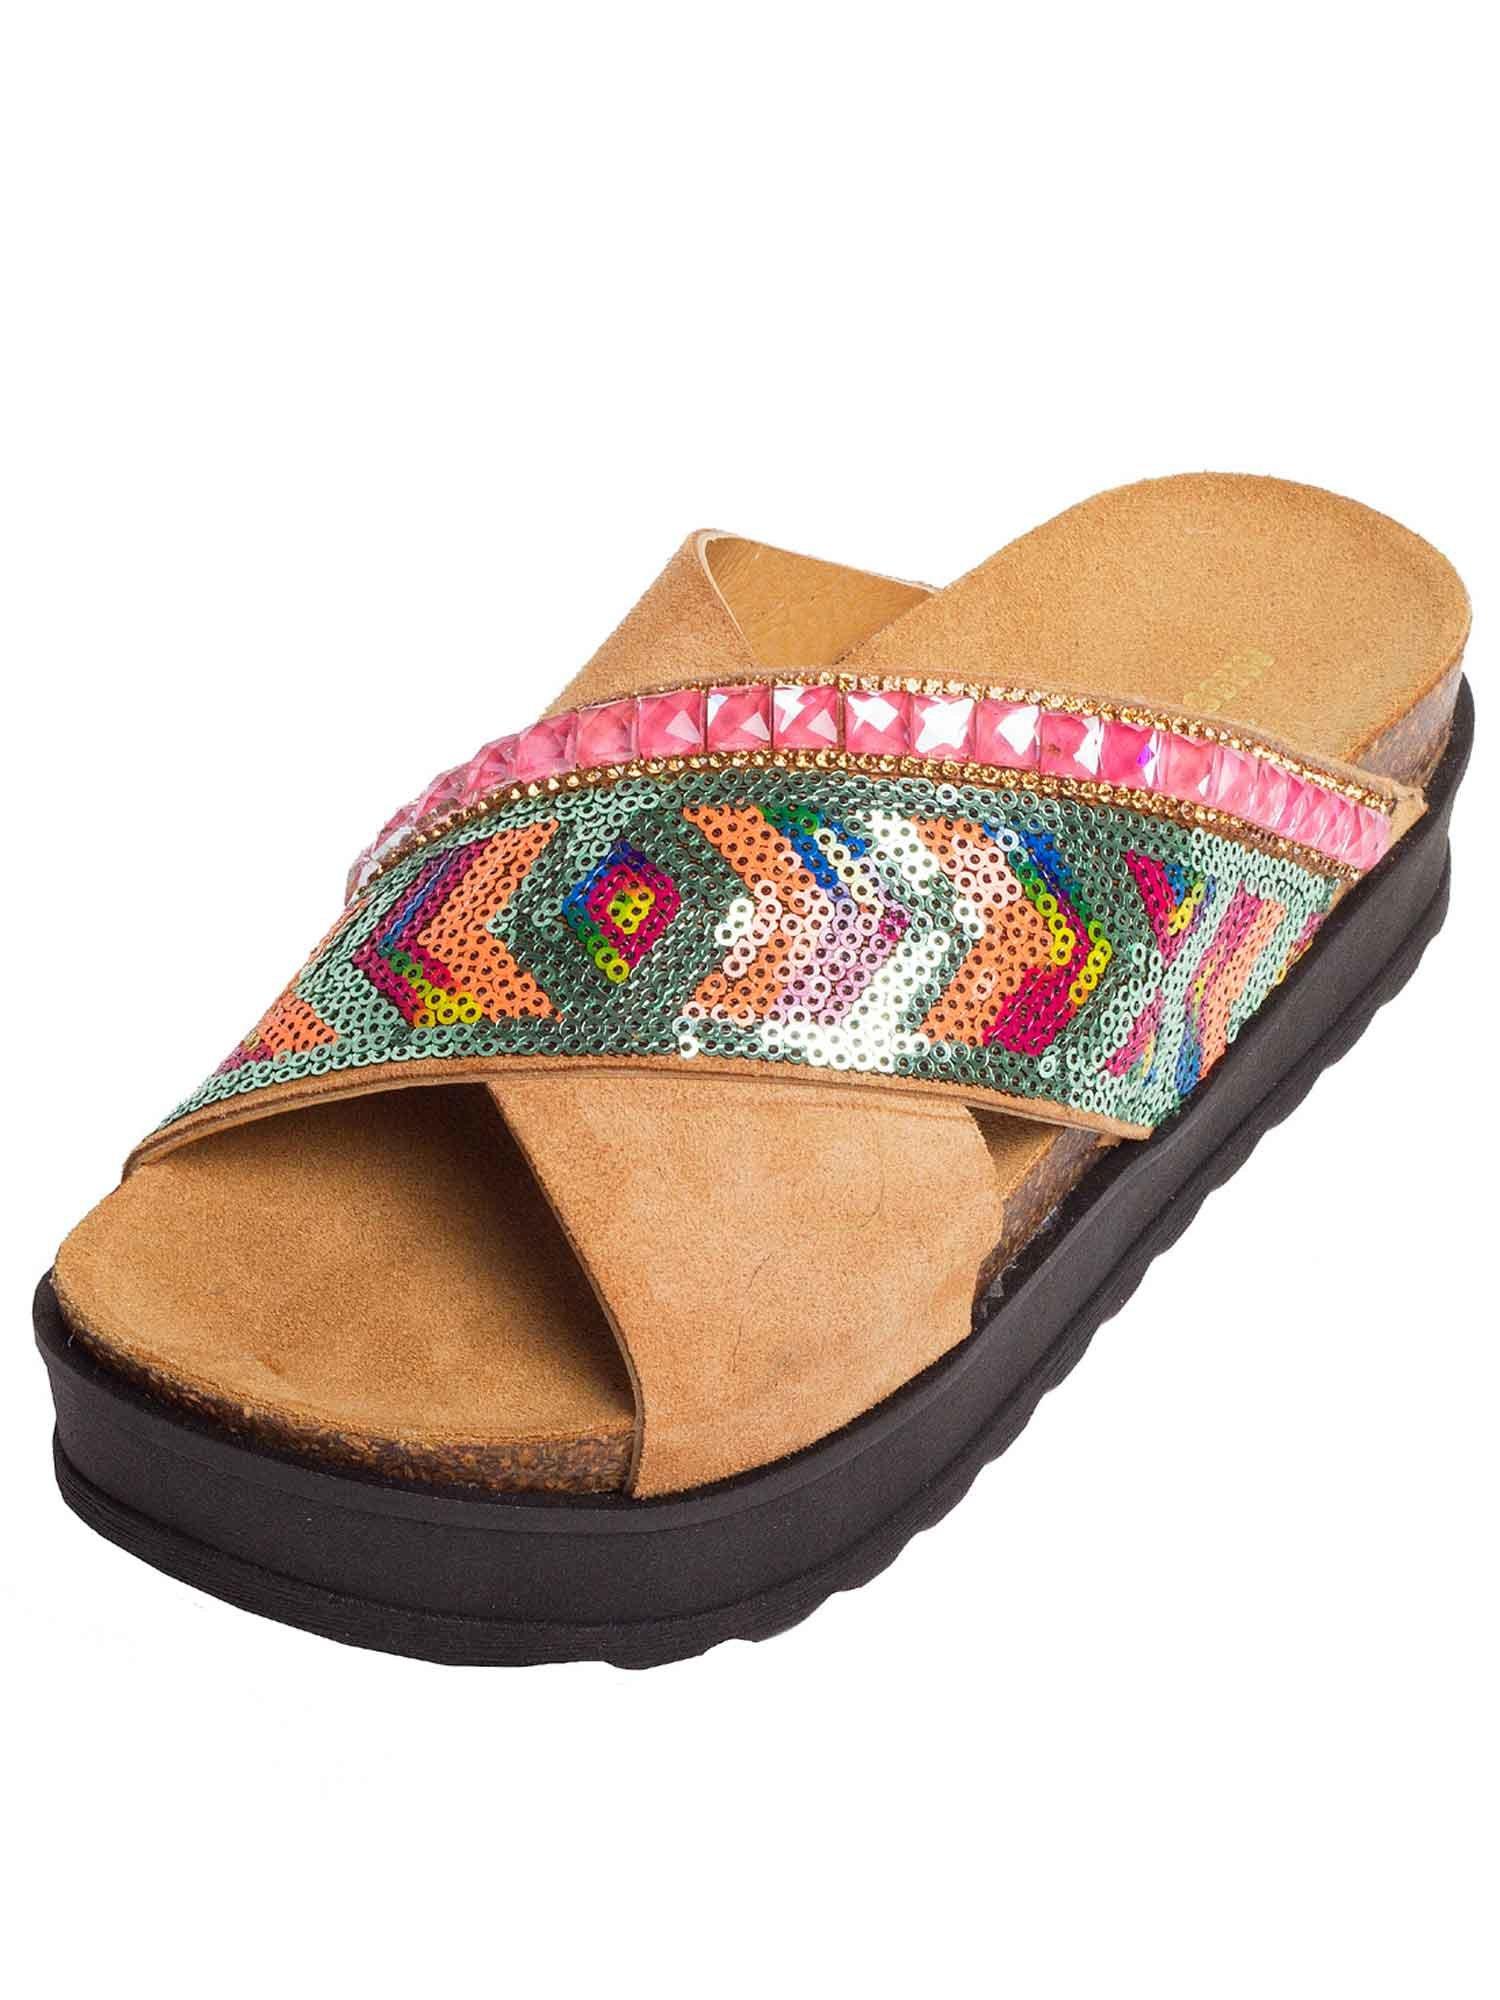 sandalo incrocio paillettes e pietre - Cuoio